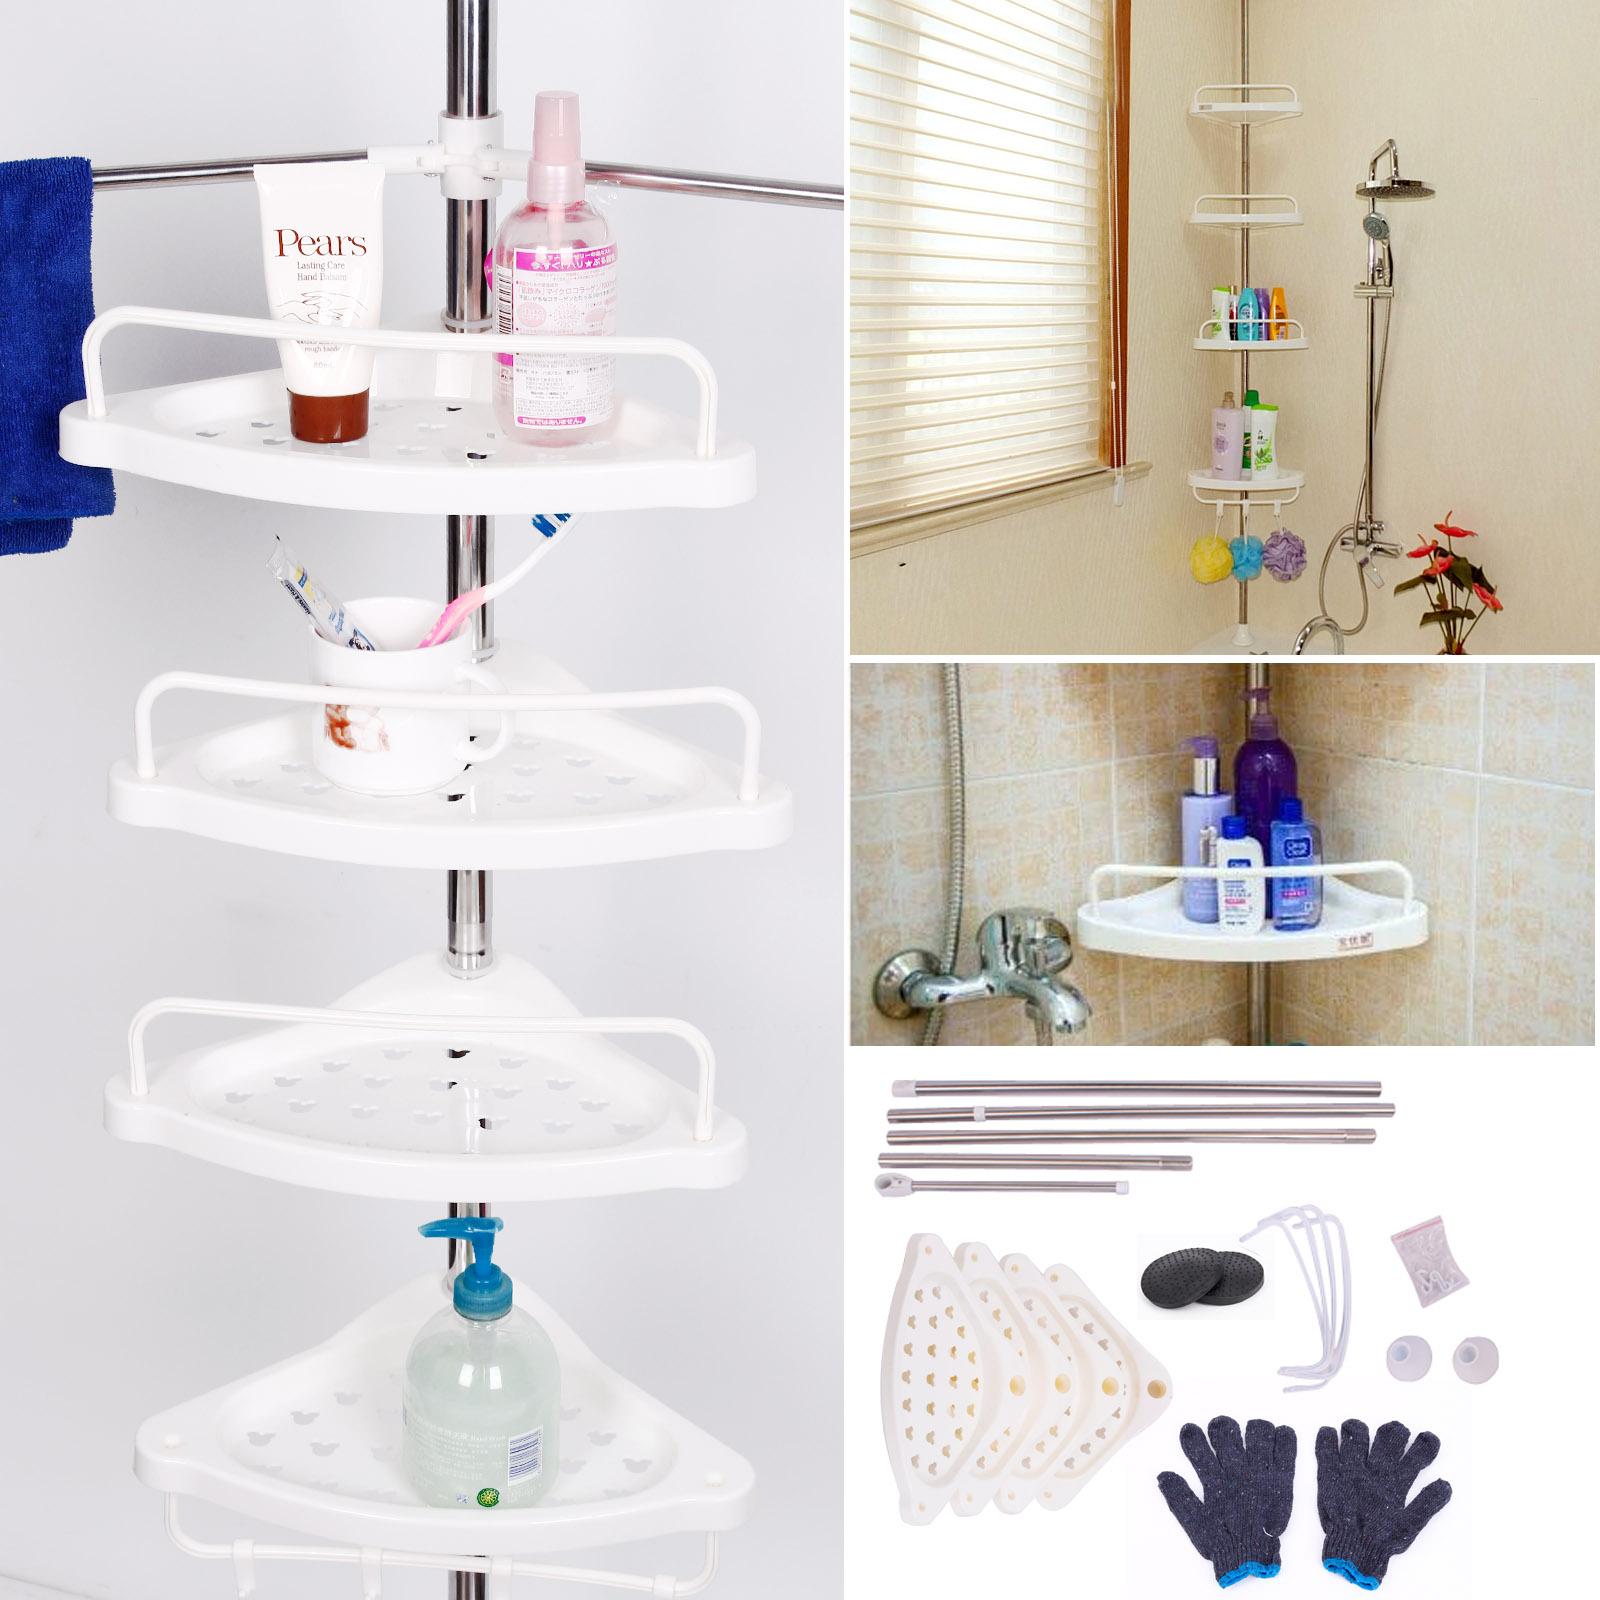 Mensola supporto acciaio portaoggetti asciugamano bagno - Portaoggetti bagno ...